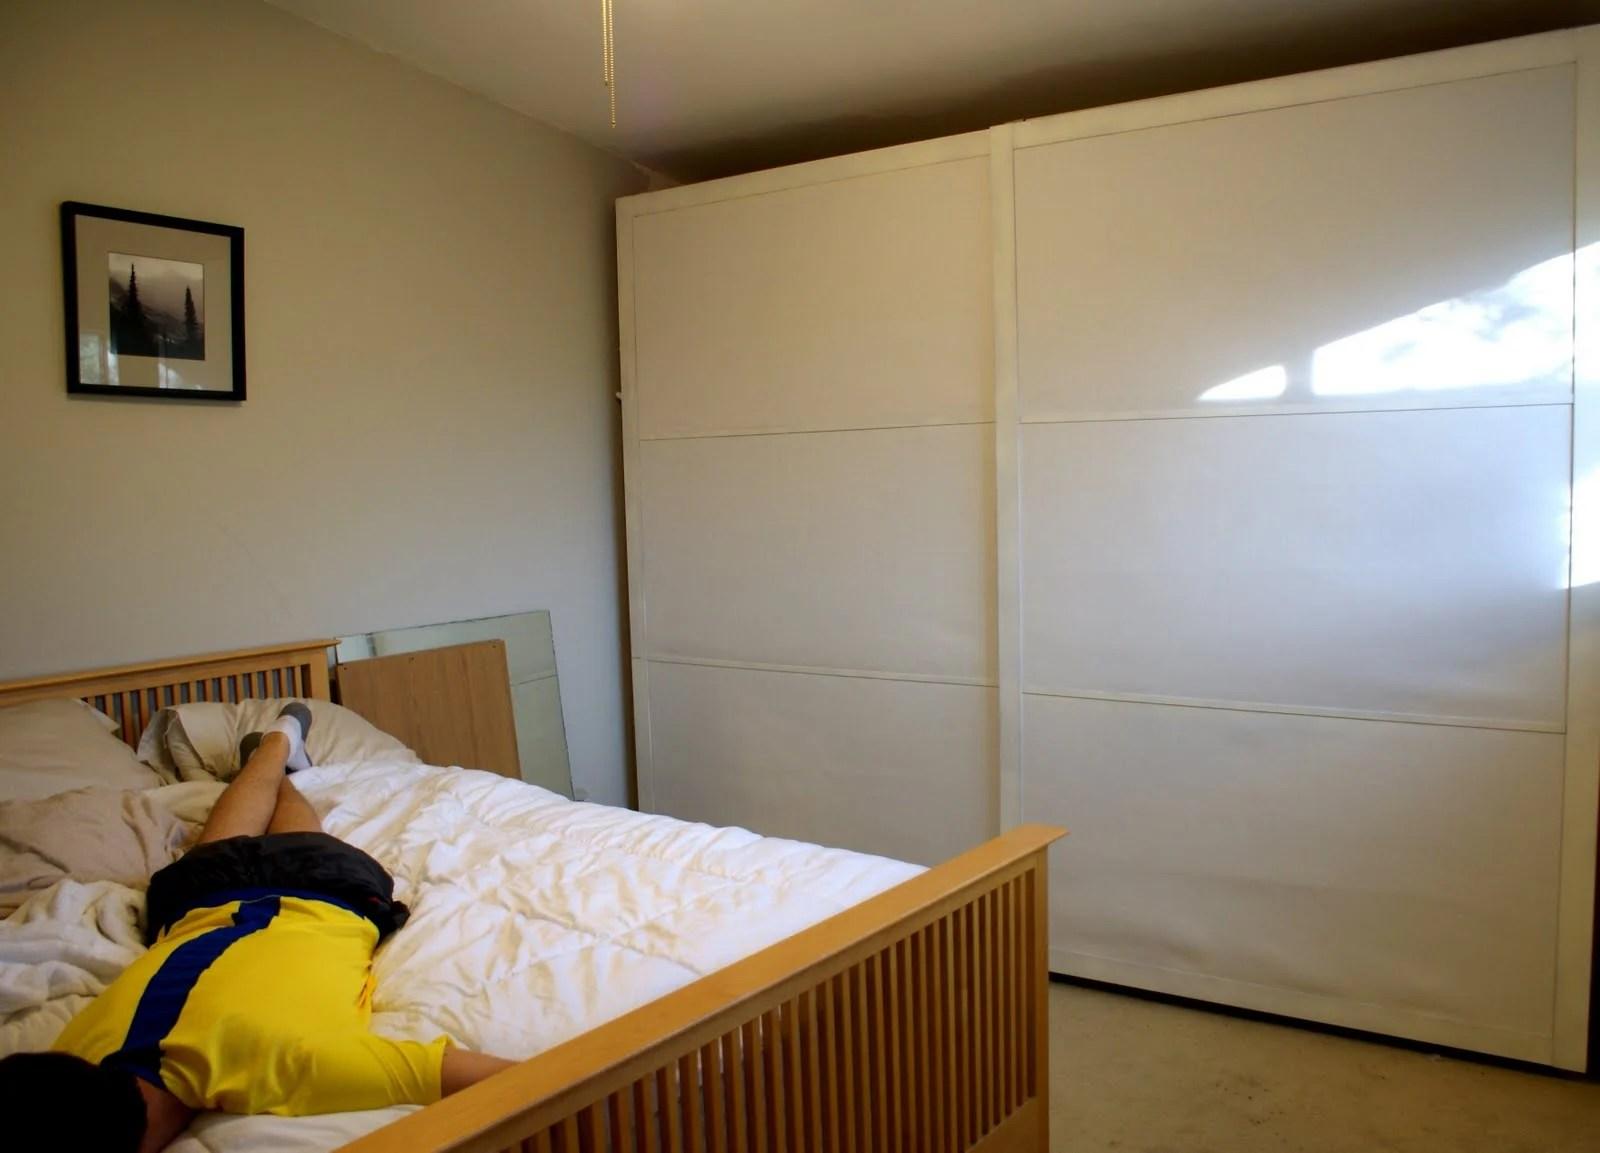 Fixing The Pax Sliding Door Ikea Hackers